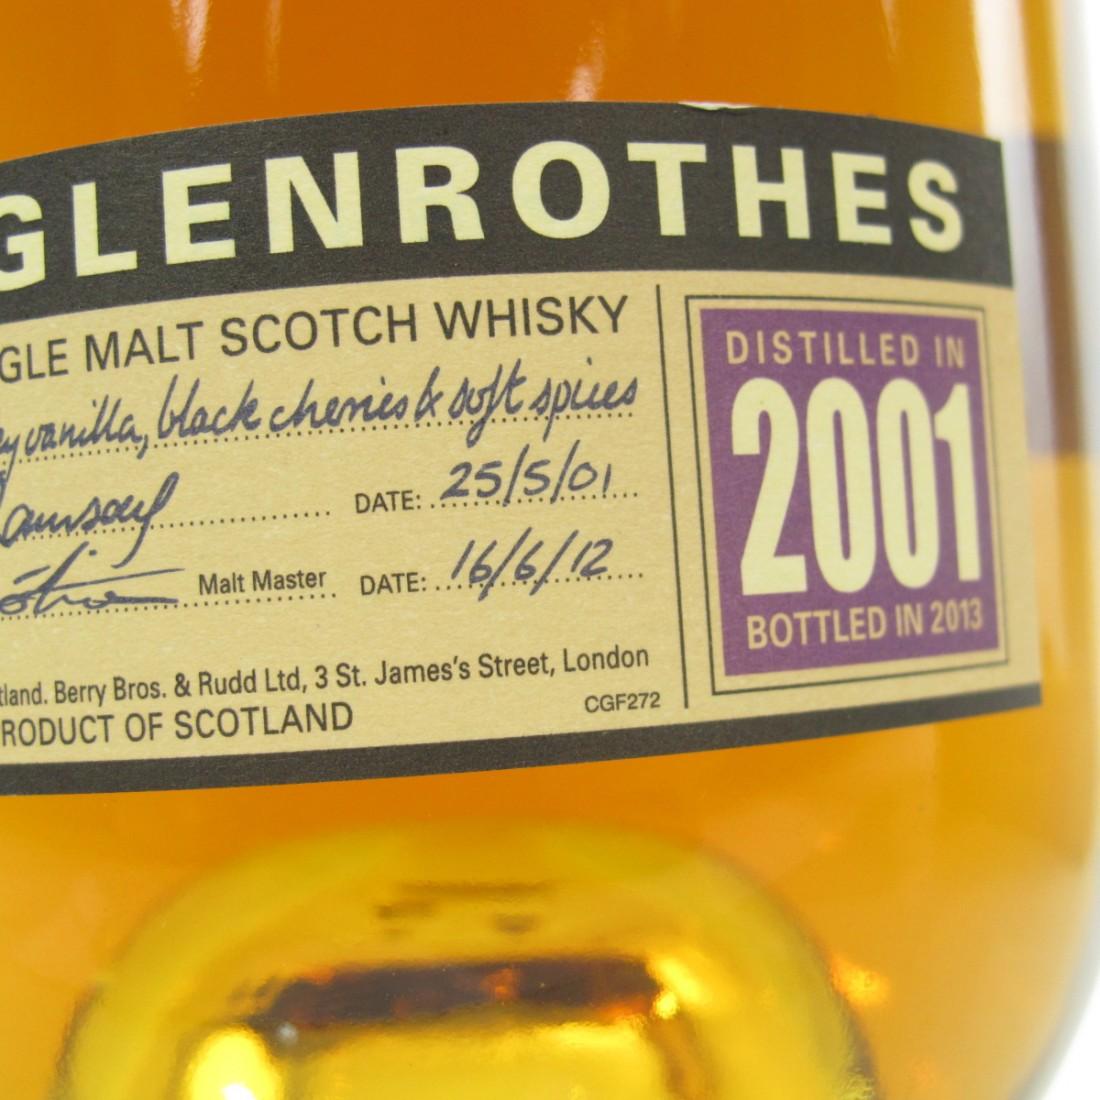 Glenrothes 2001 Vintage